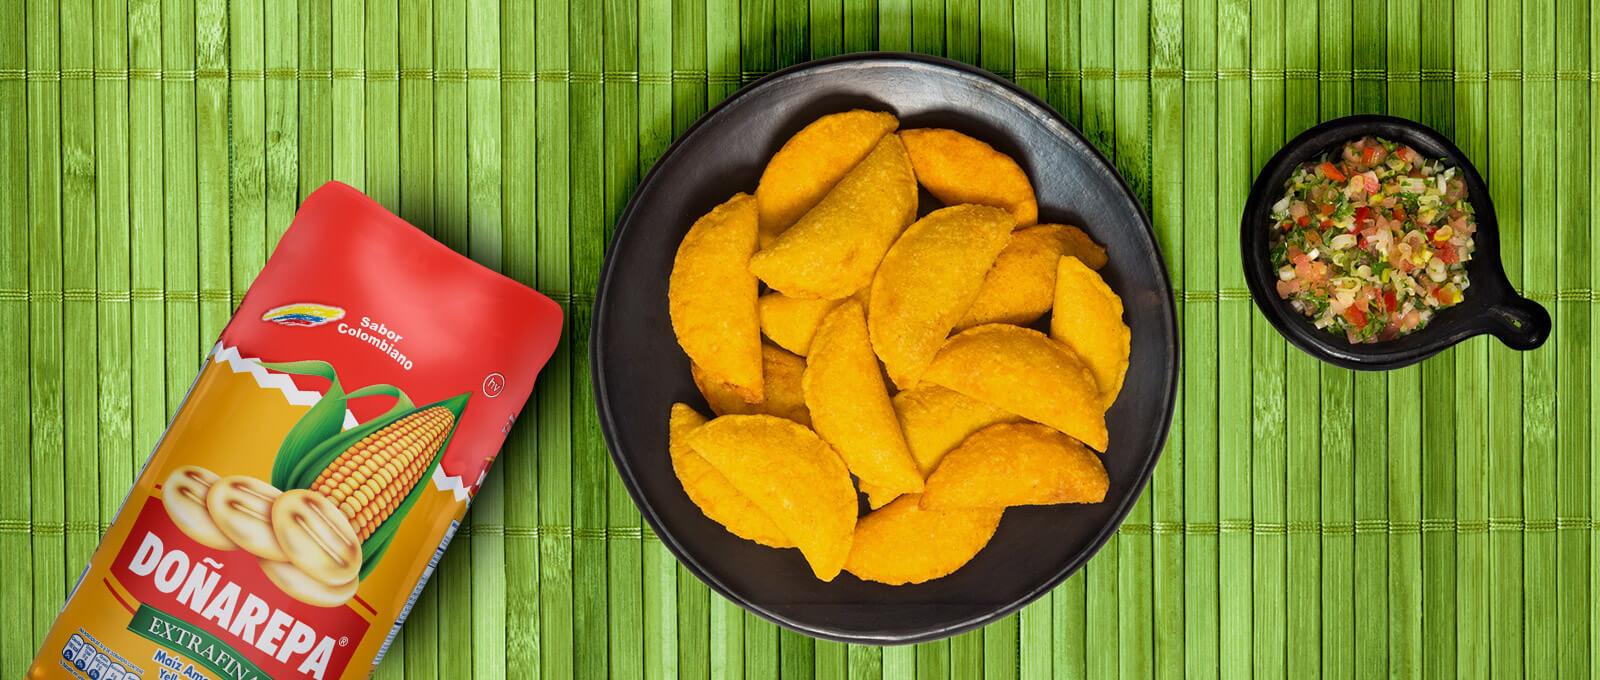 Harina de maíz amarillo de Doñarepa para hacer empanadas